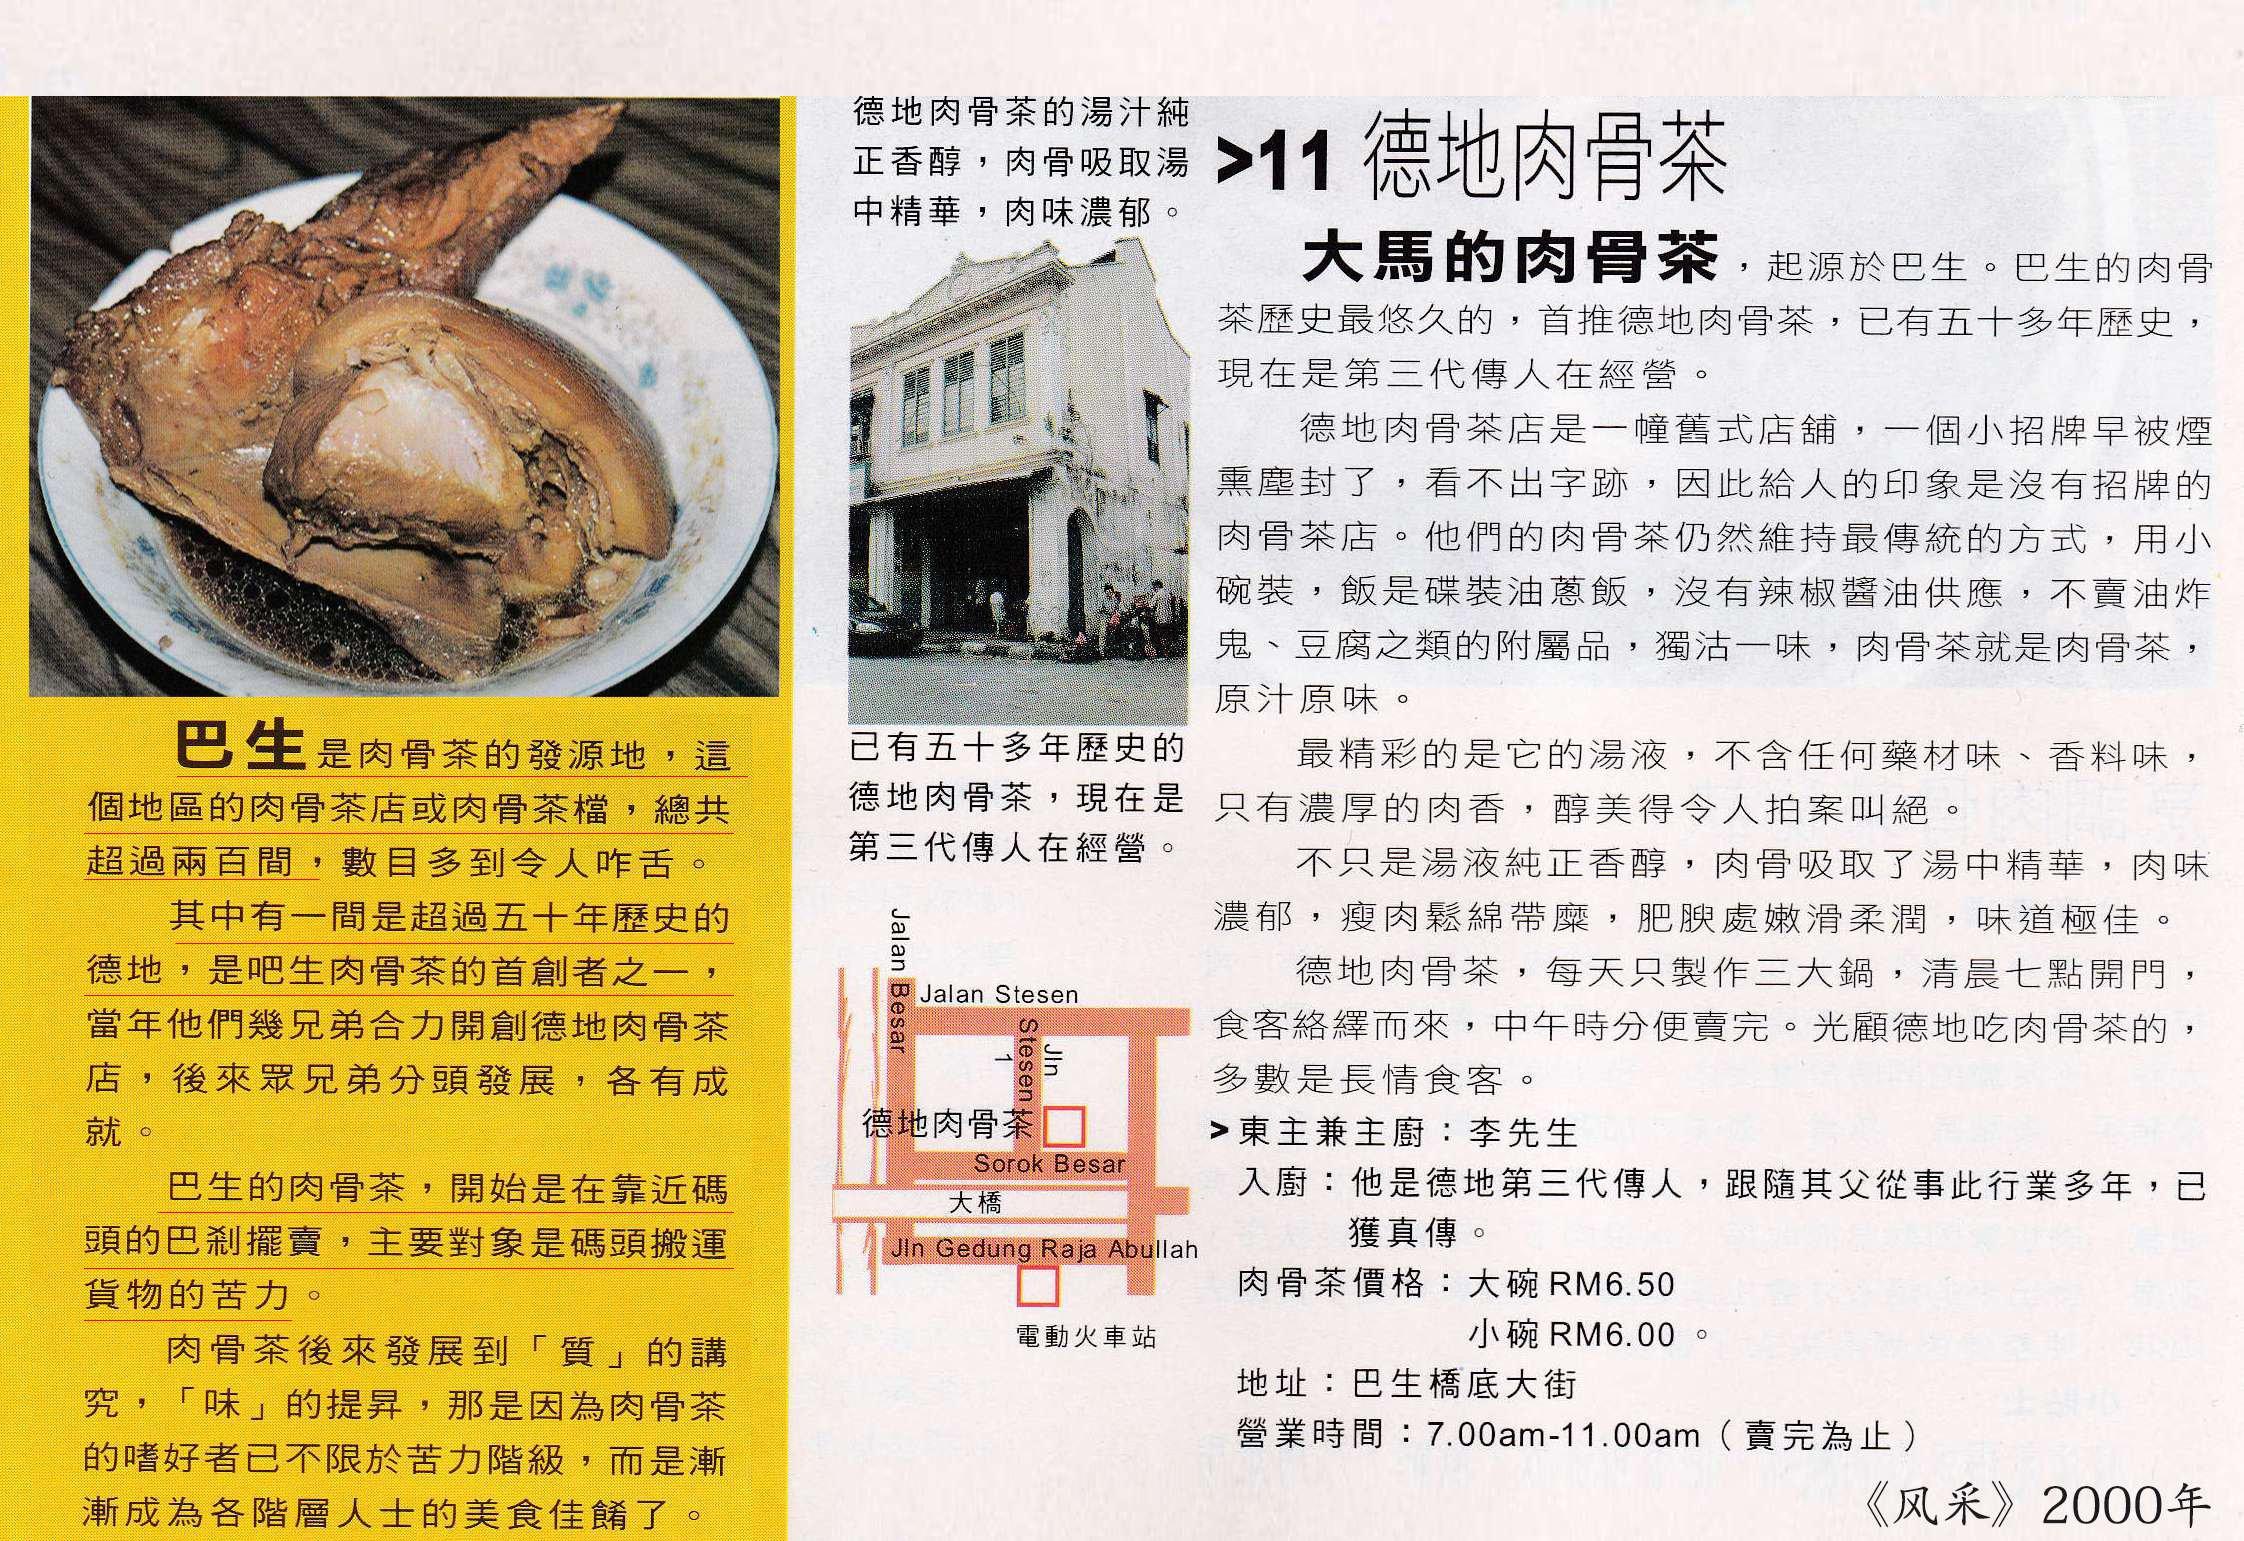 马来西亚食神-生哥肉骨茶